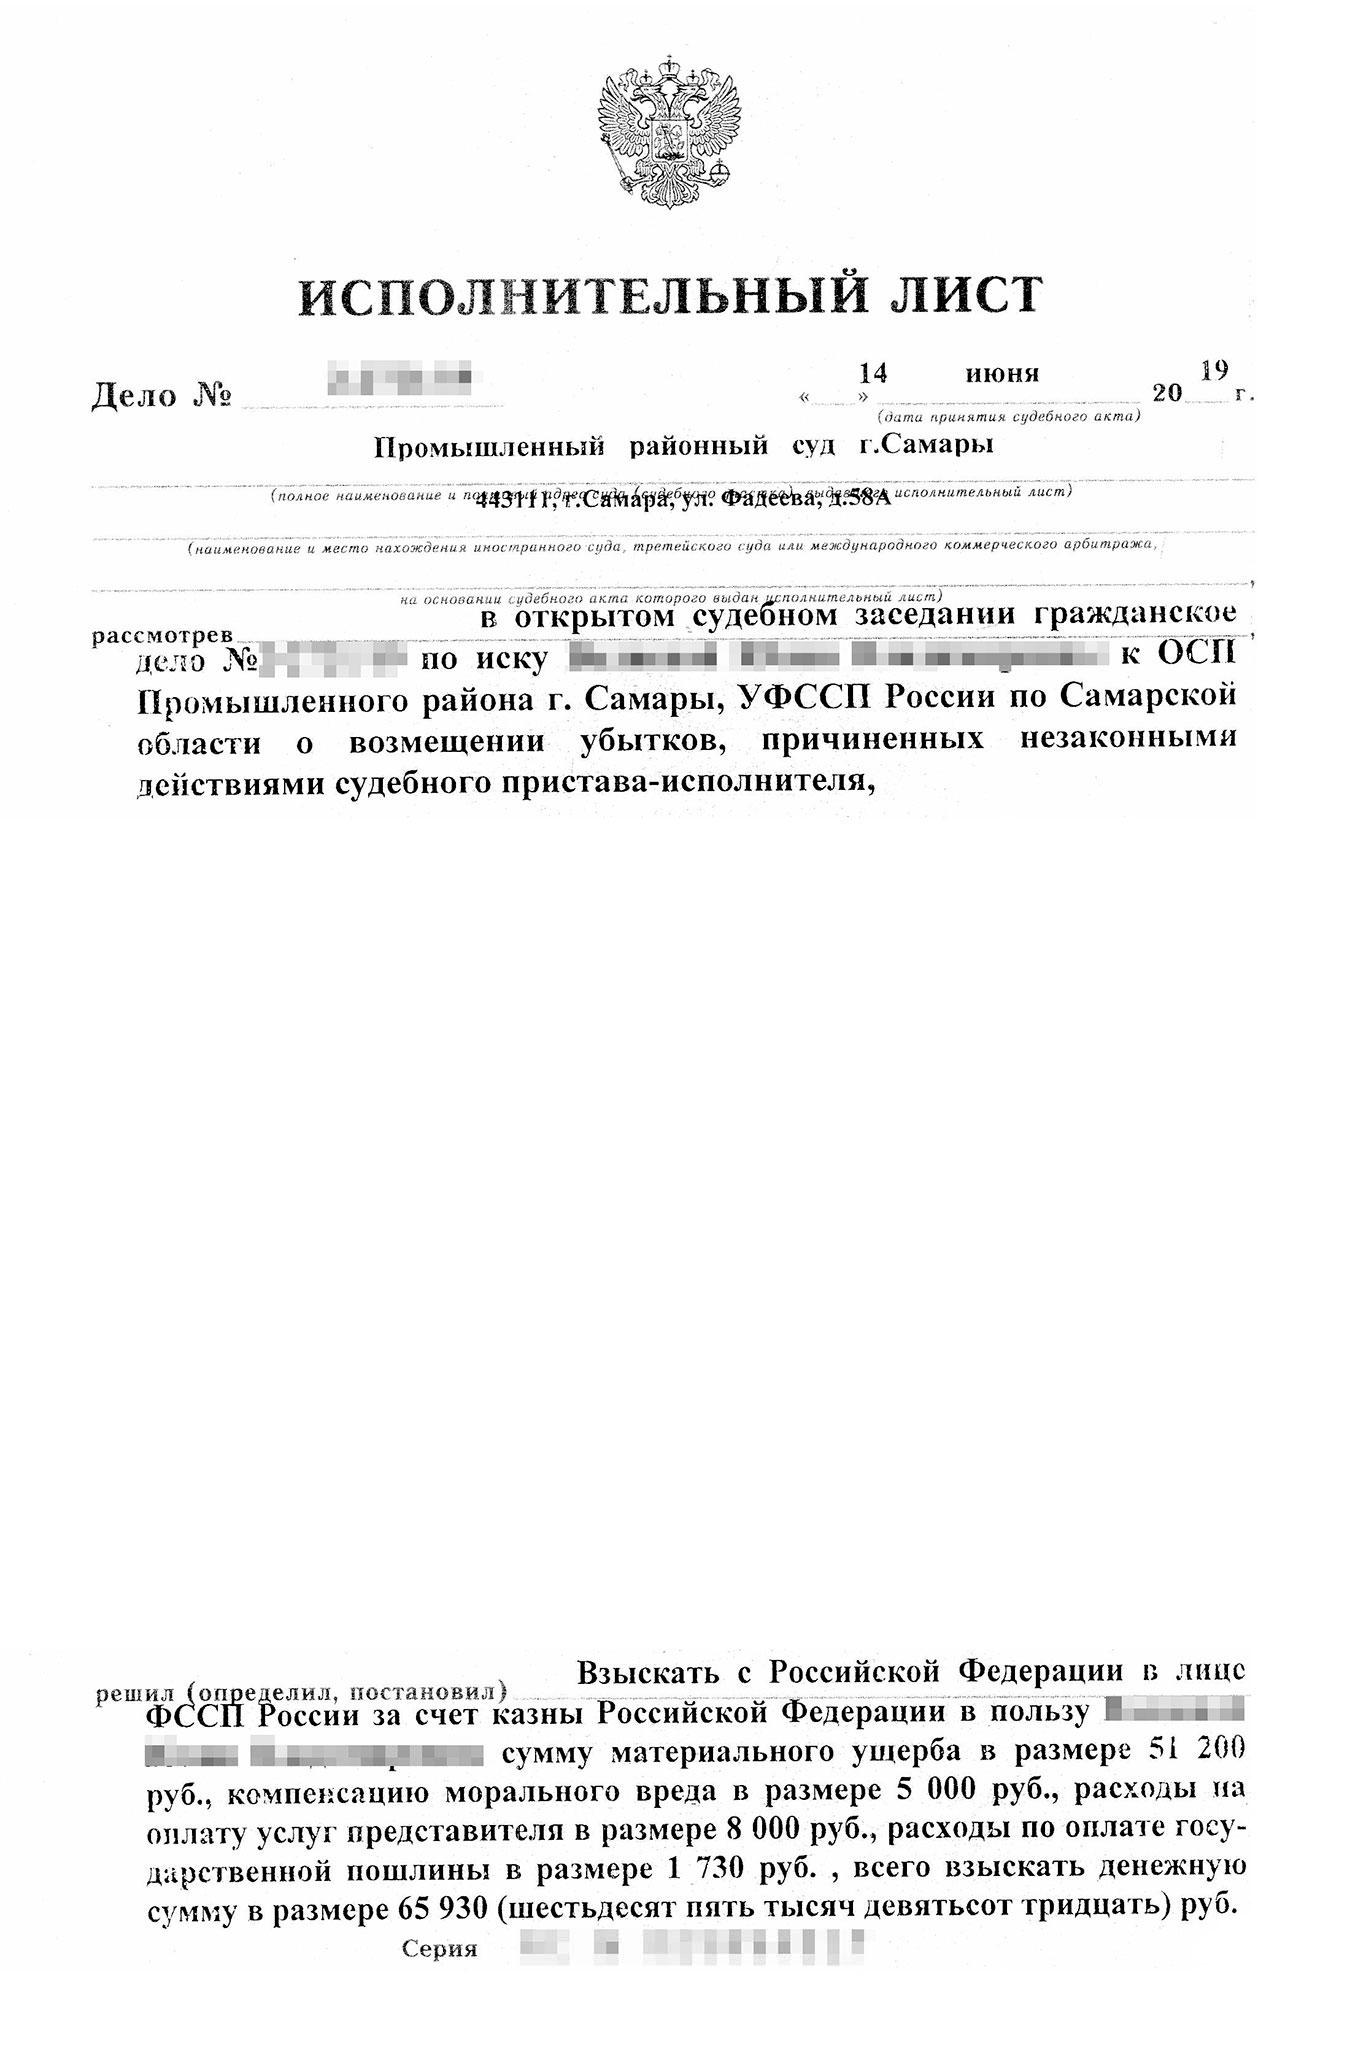 Такой исполнительный лист Юлия получила в канцелярии Промышленного районного суда Самары. Его нужно было представить в Министерство финансов РФ